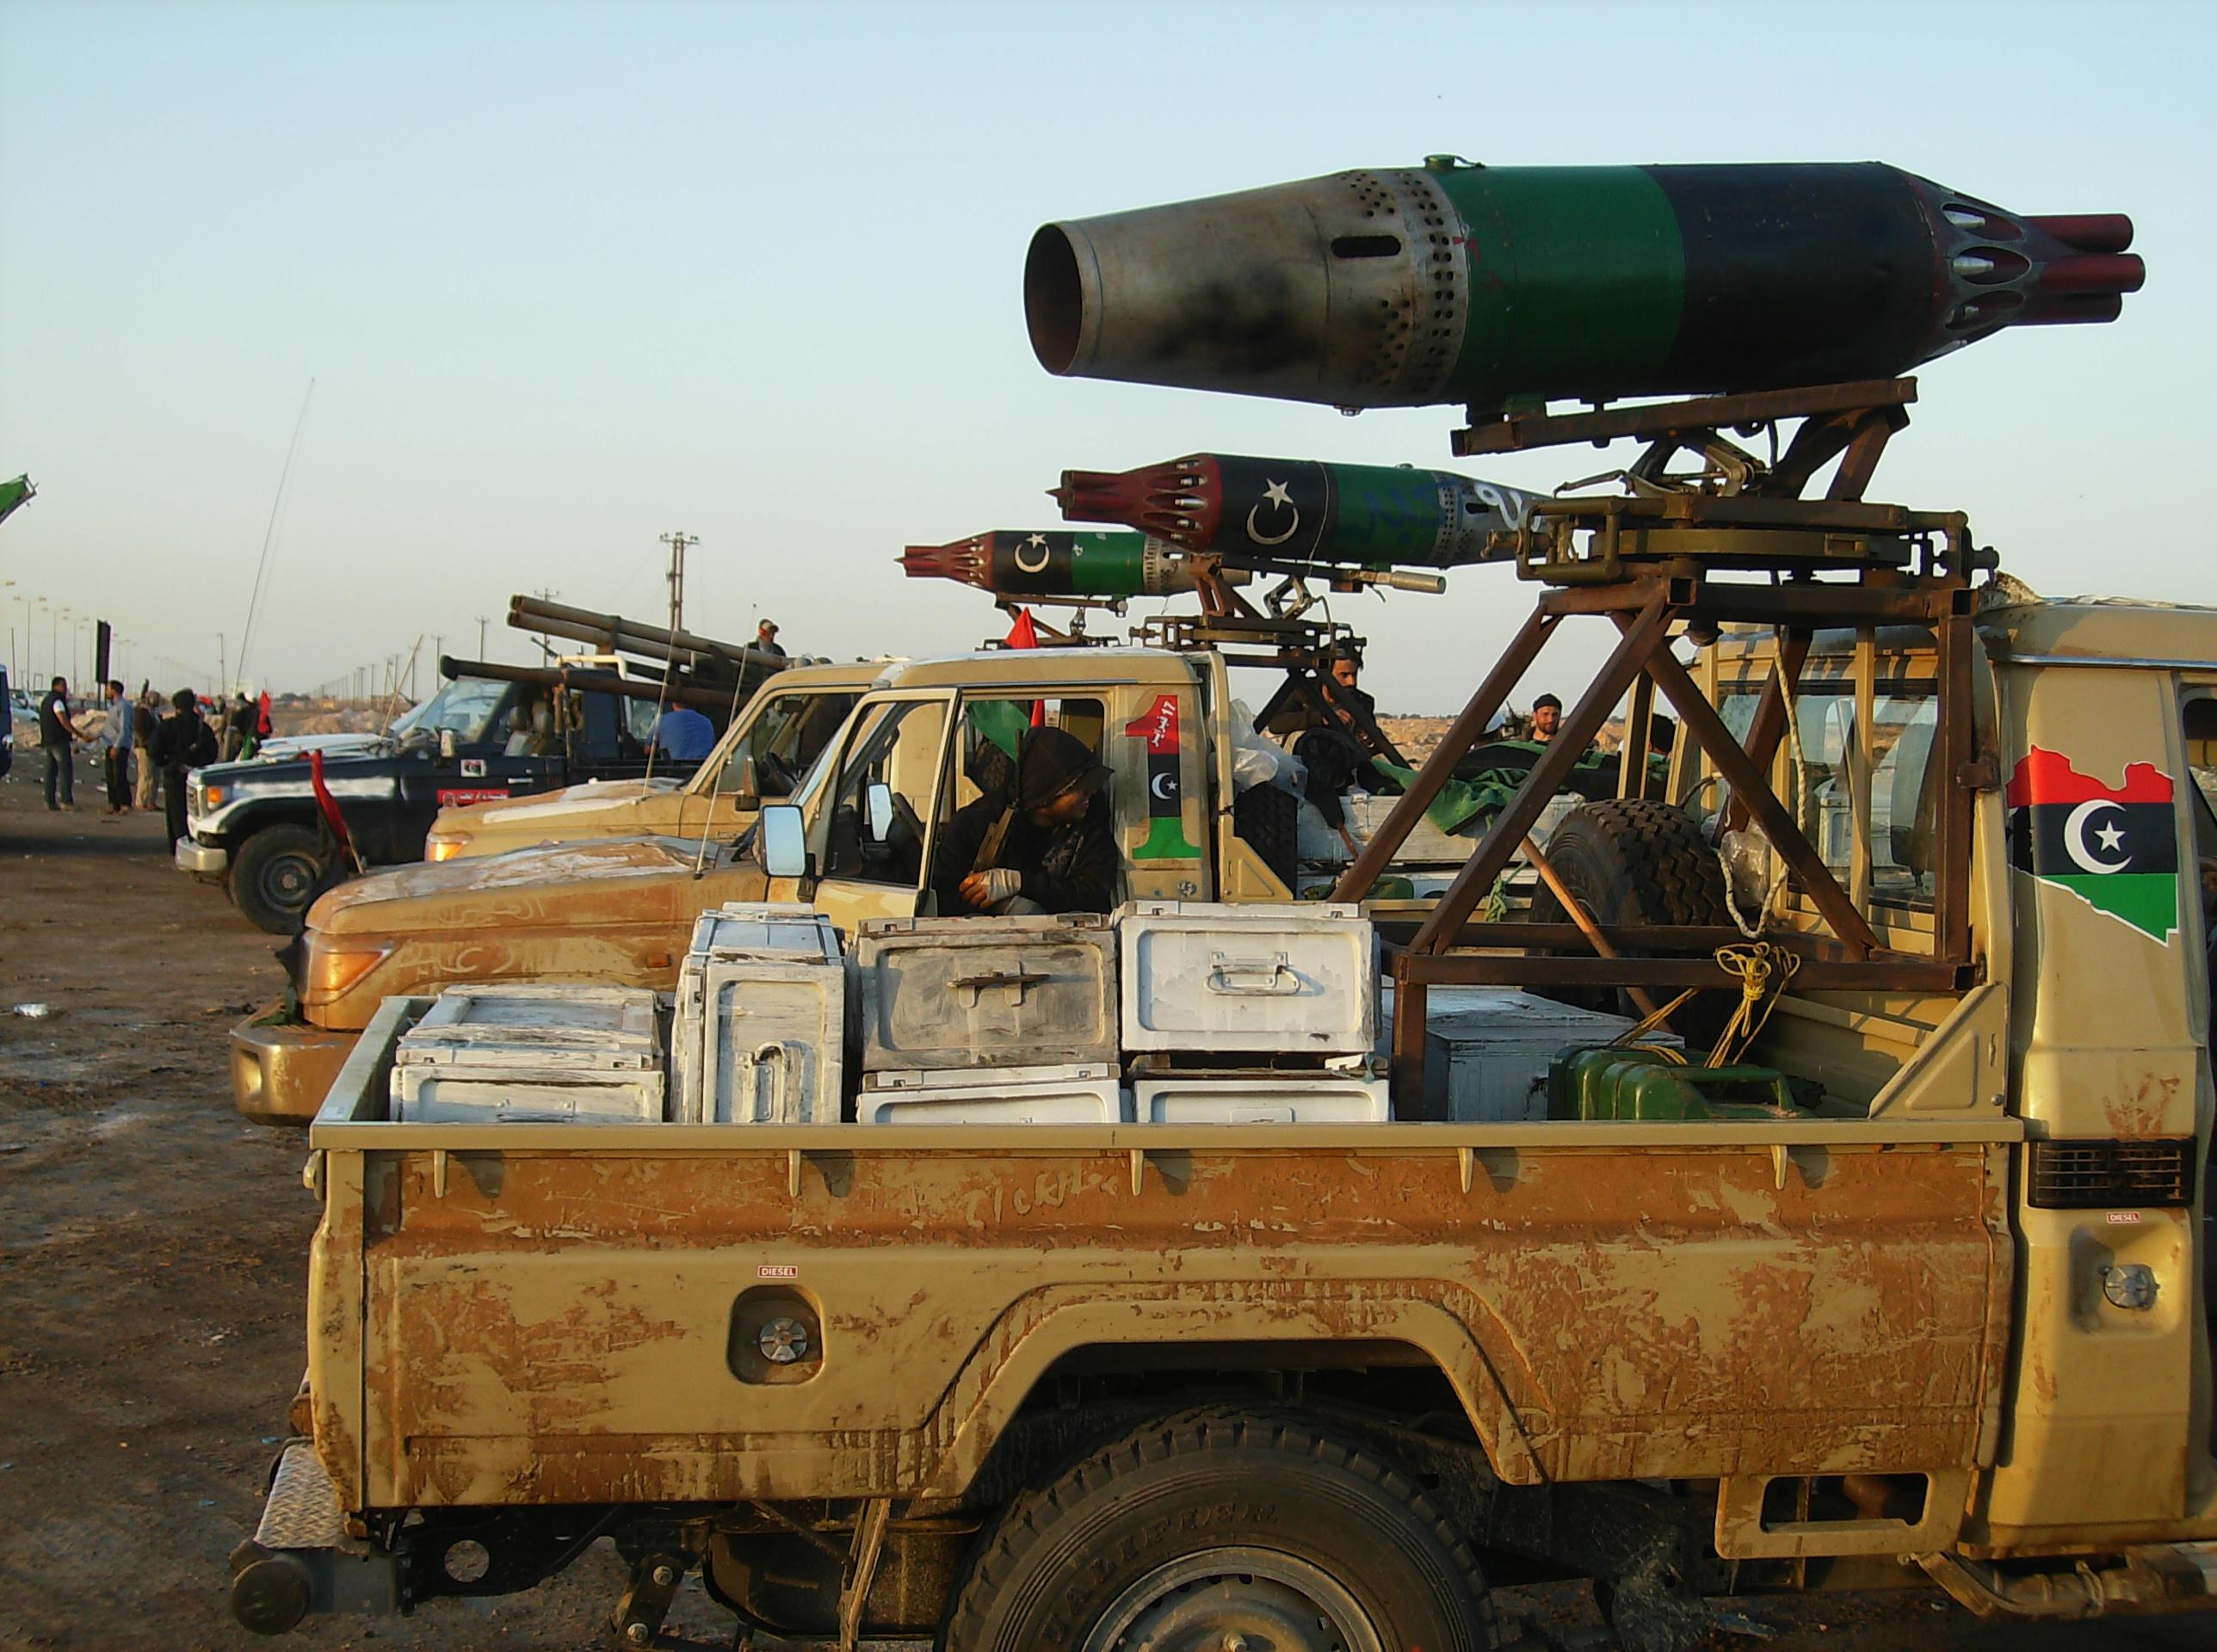 τακτικός στρατός του συμβουλίου της Βεγγάζης